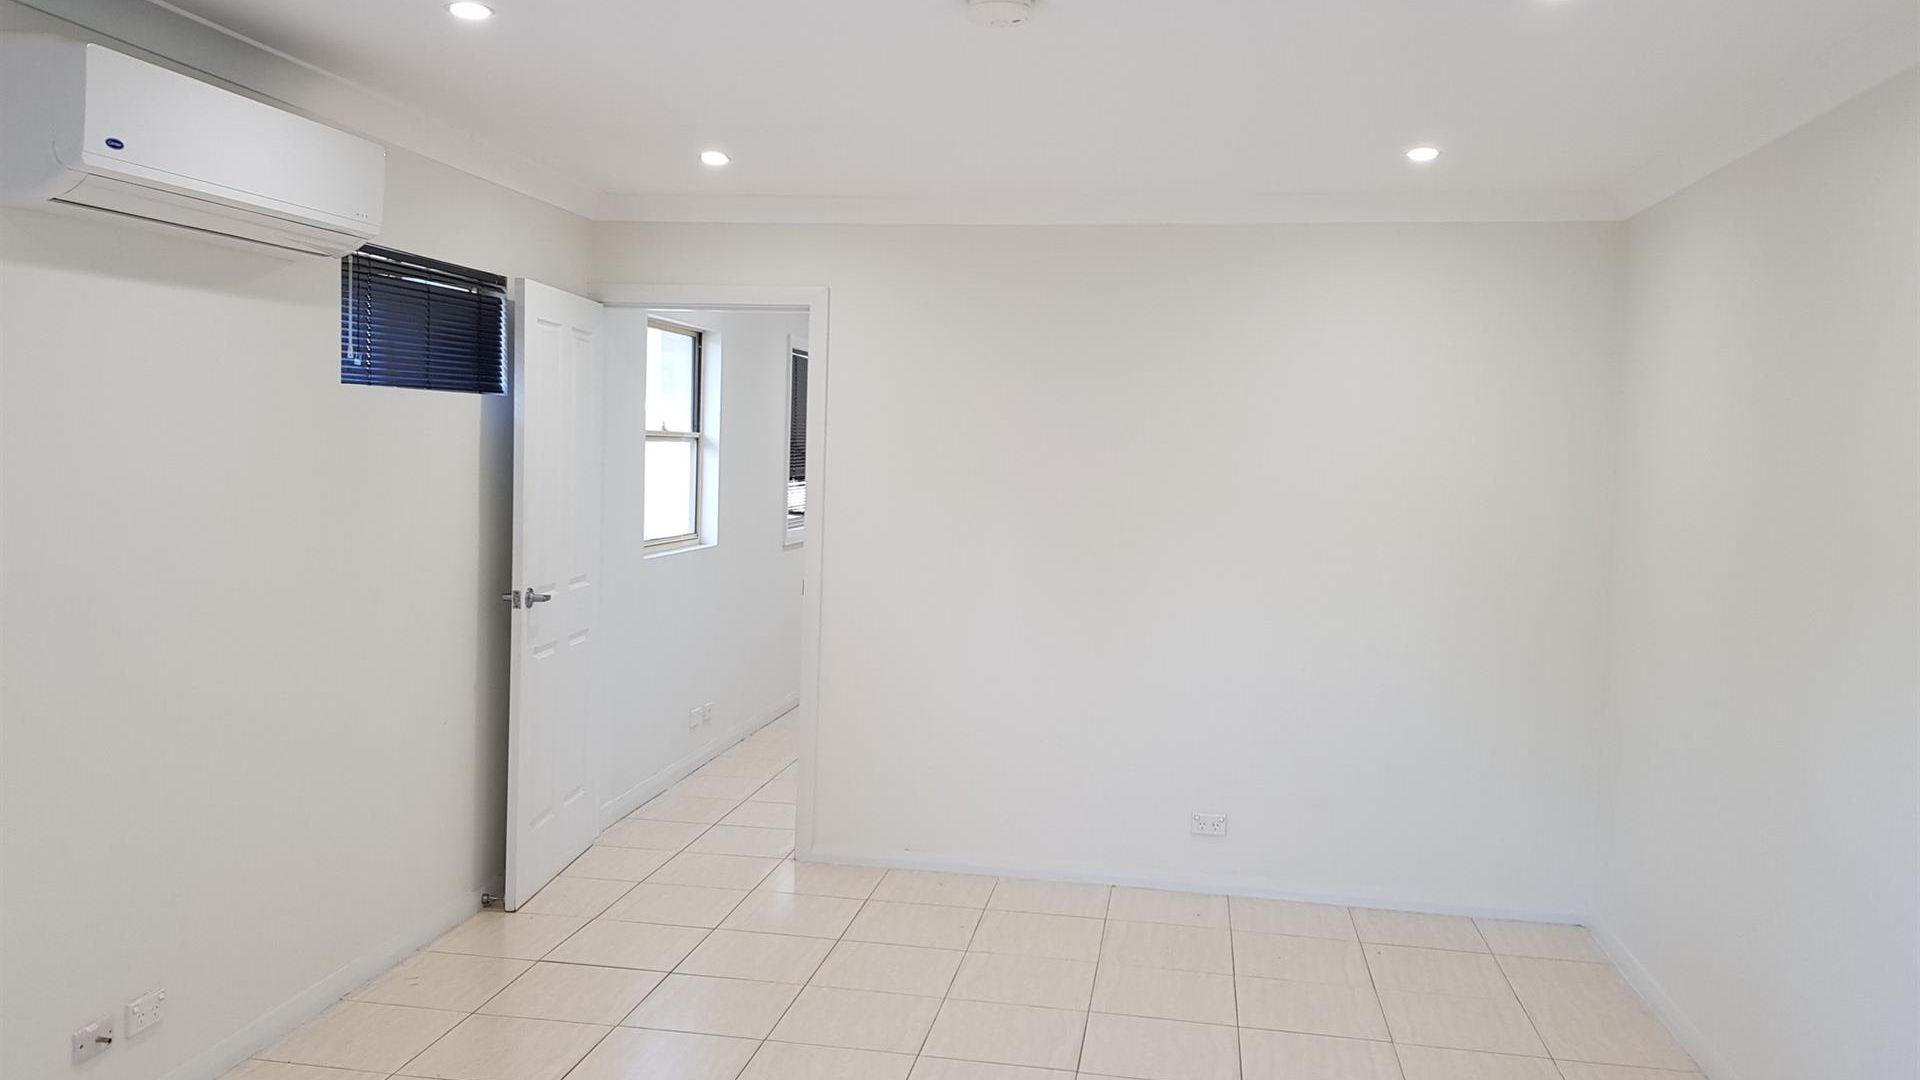 Holsworthy NSW 2173, Image 2